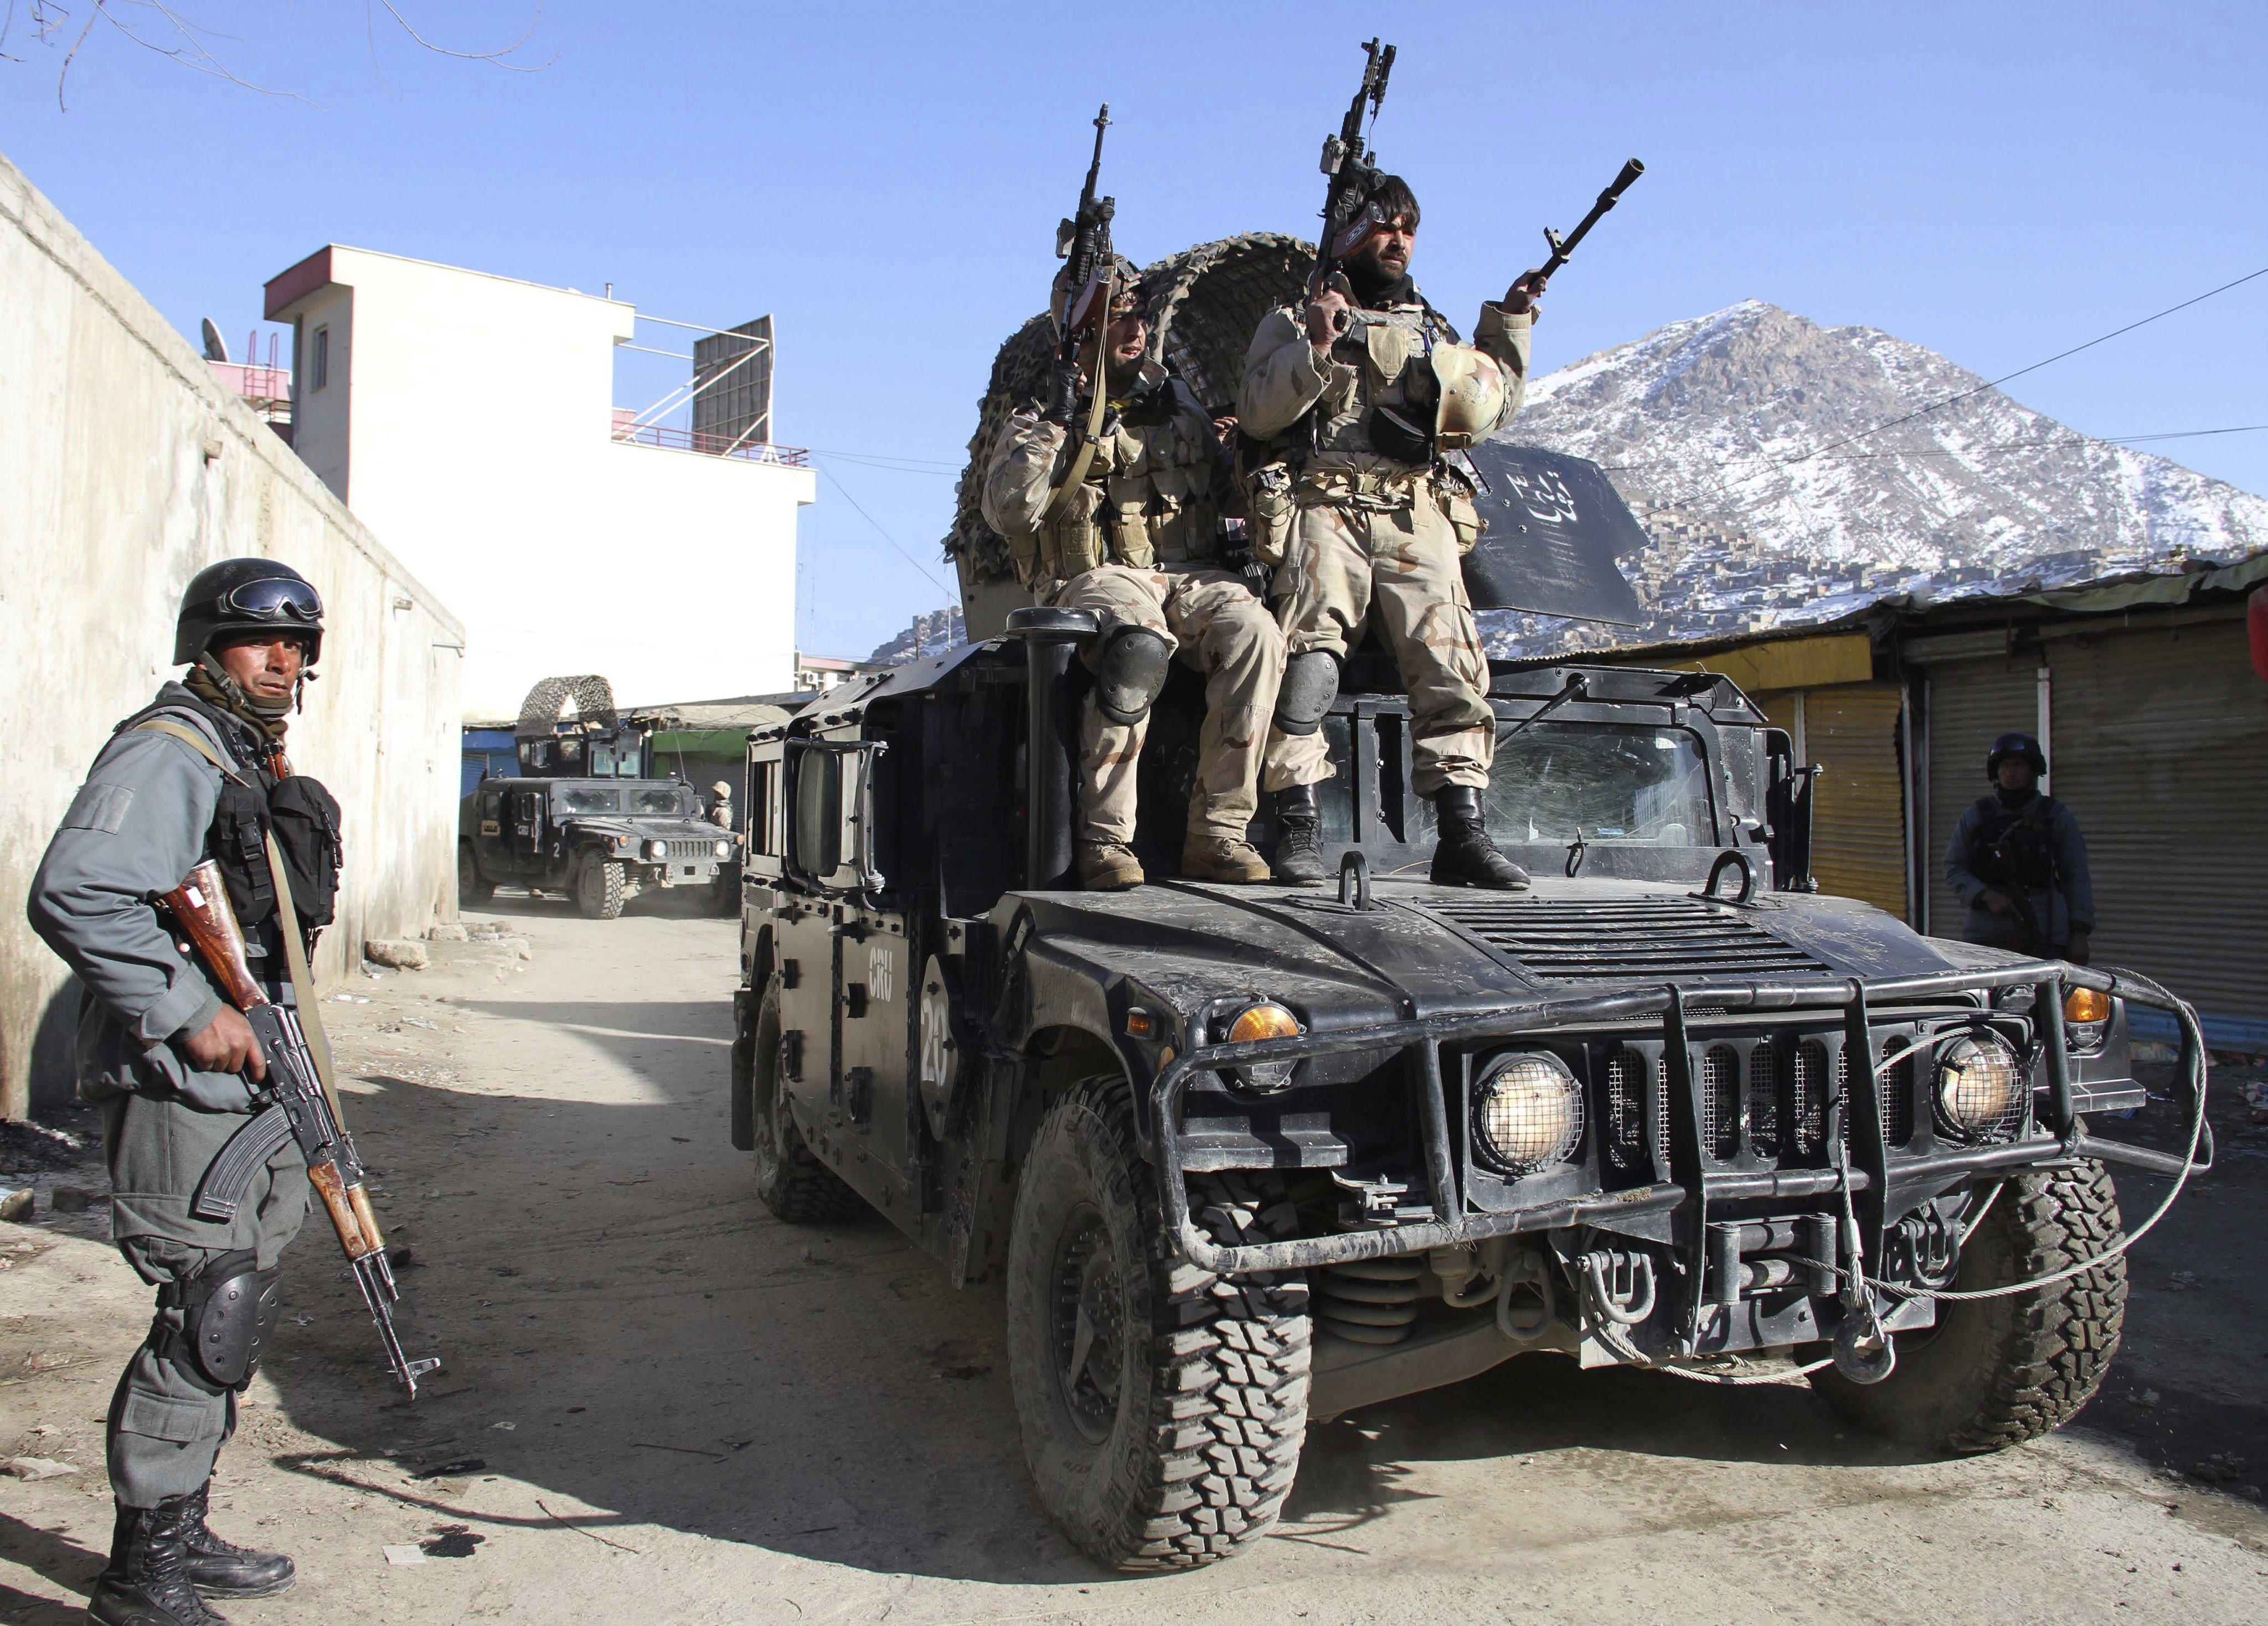 Mueren todos los atacantes del consulado de EEUU en Herat